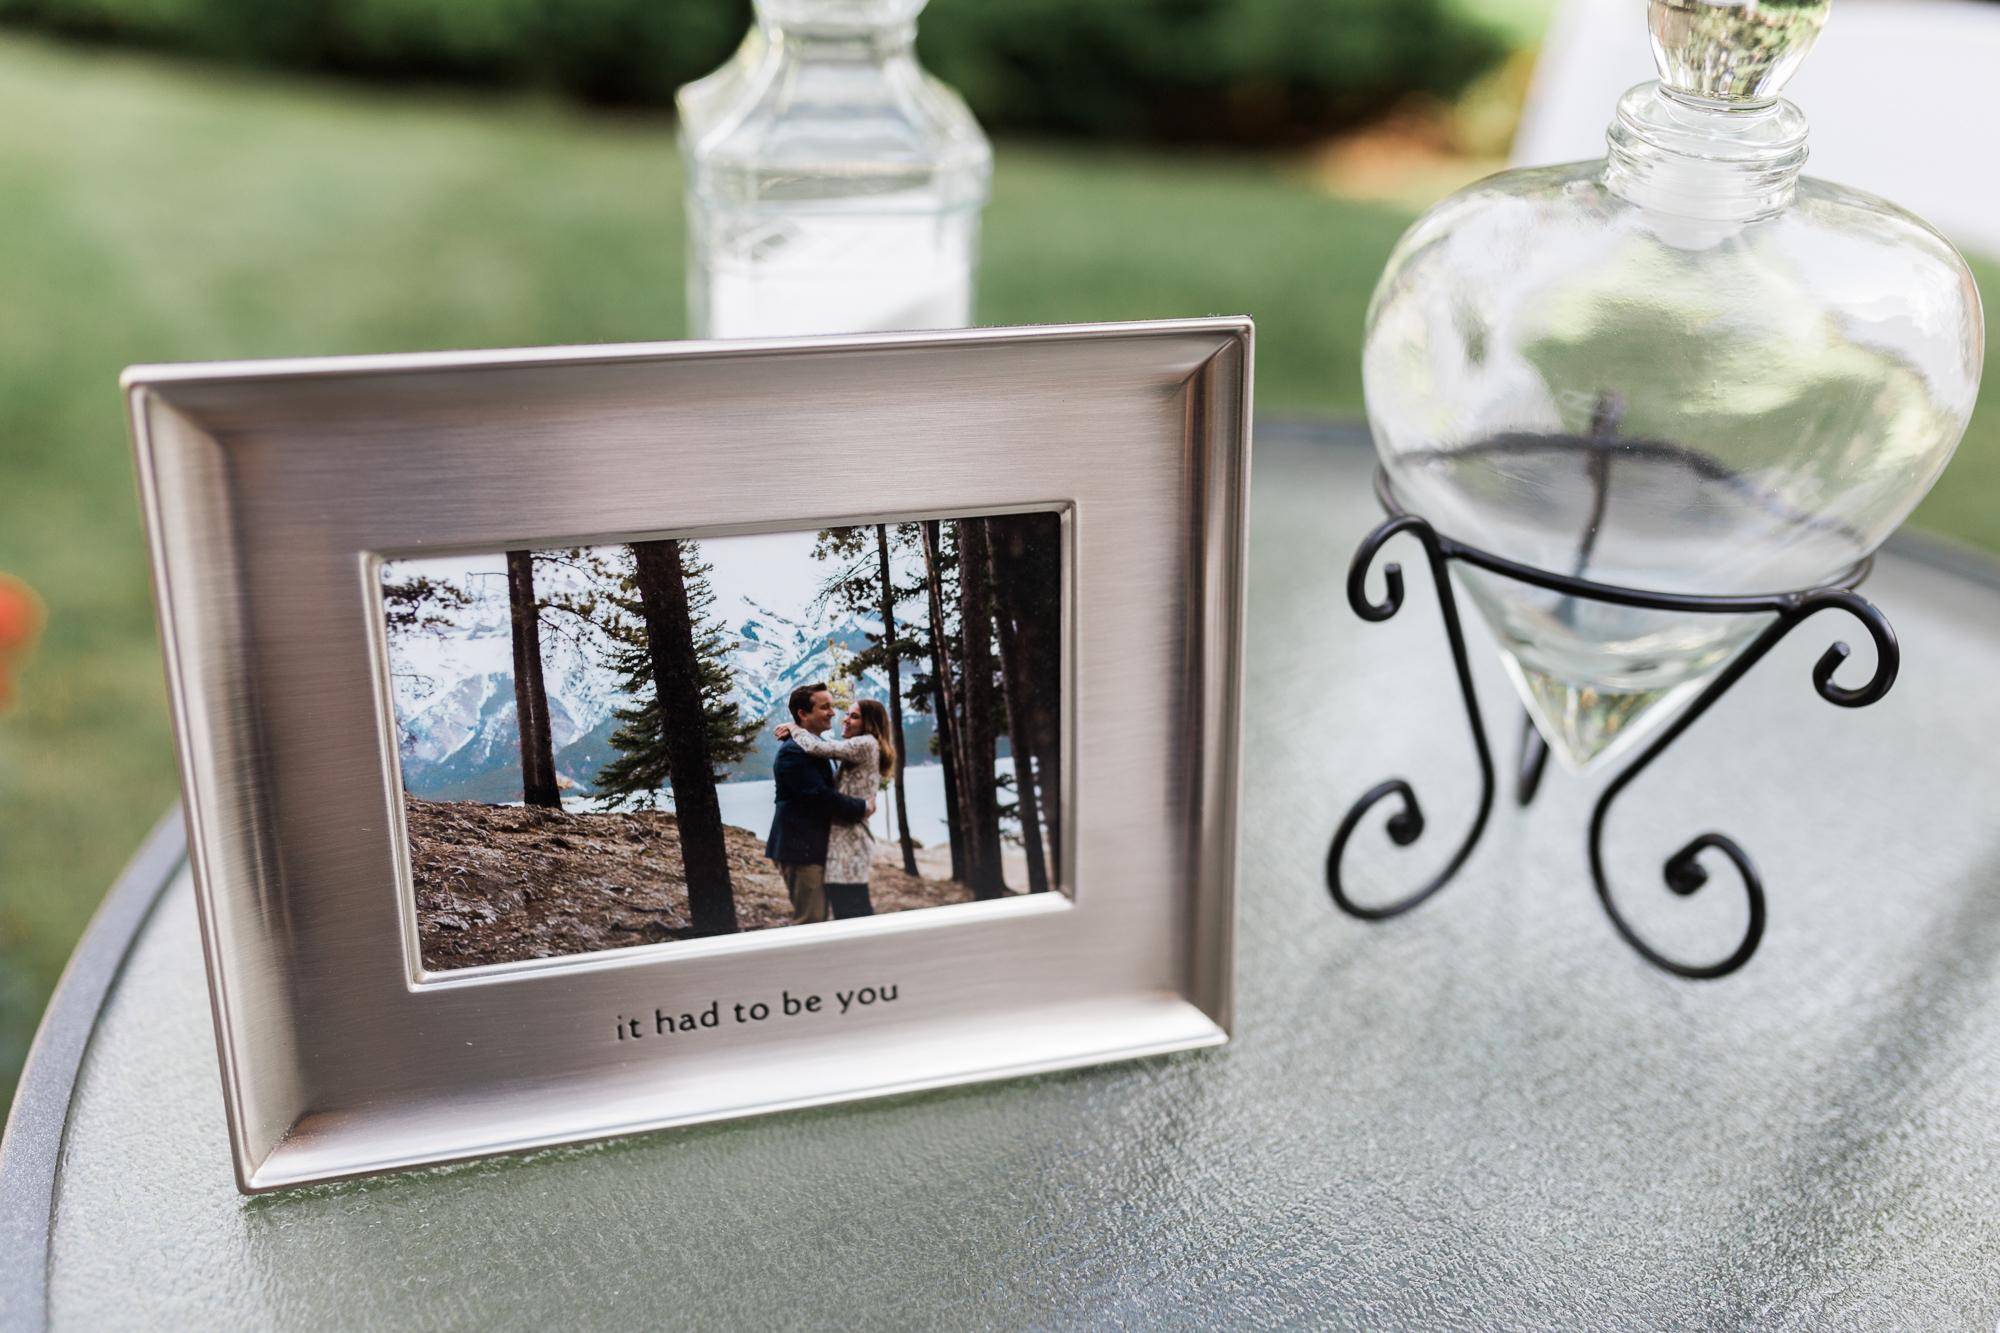 Deanna-Rachel-Photography-calgary-Wedding-photographer-jm-49.jpg